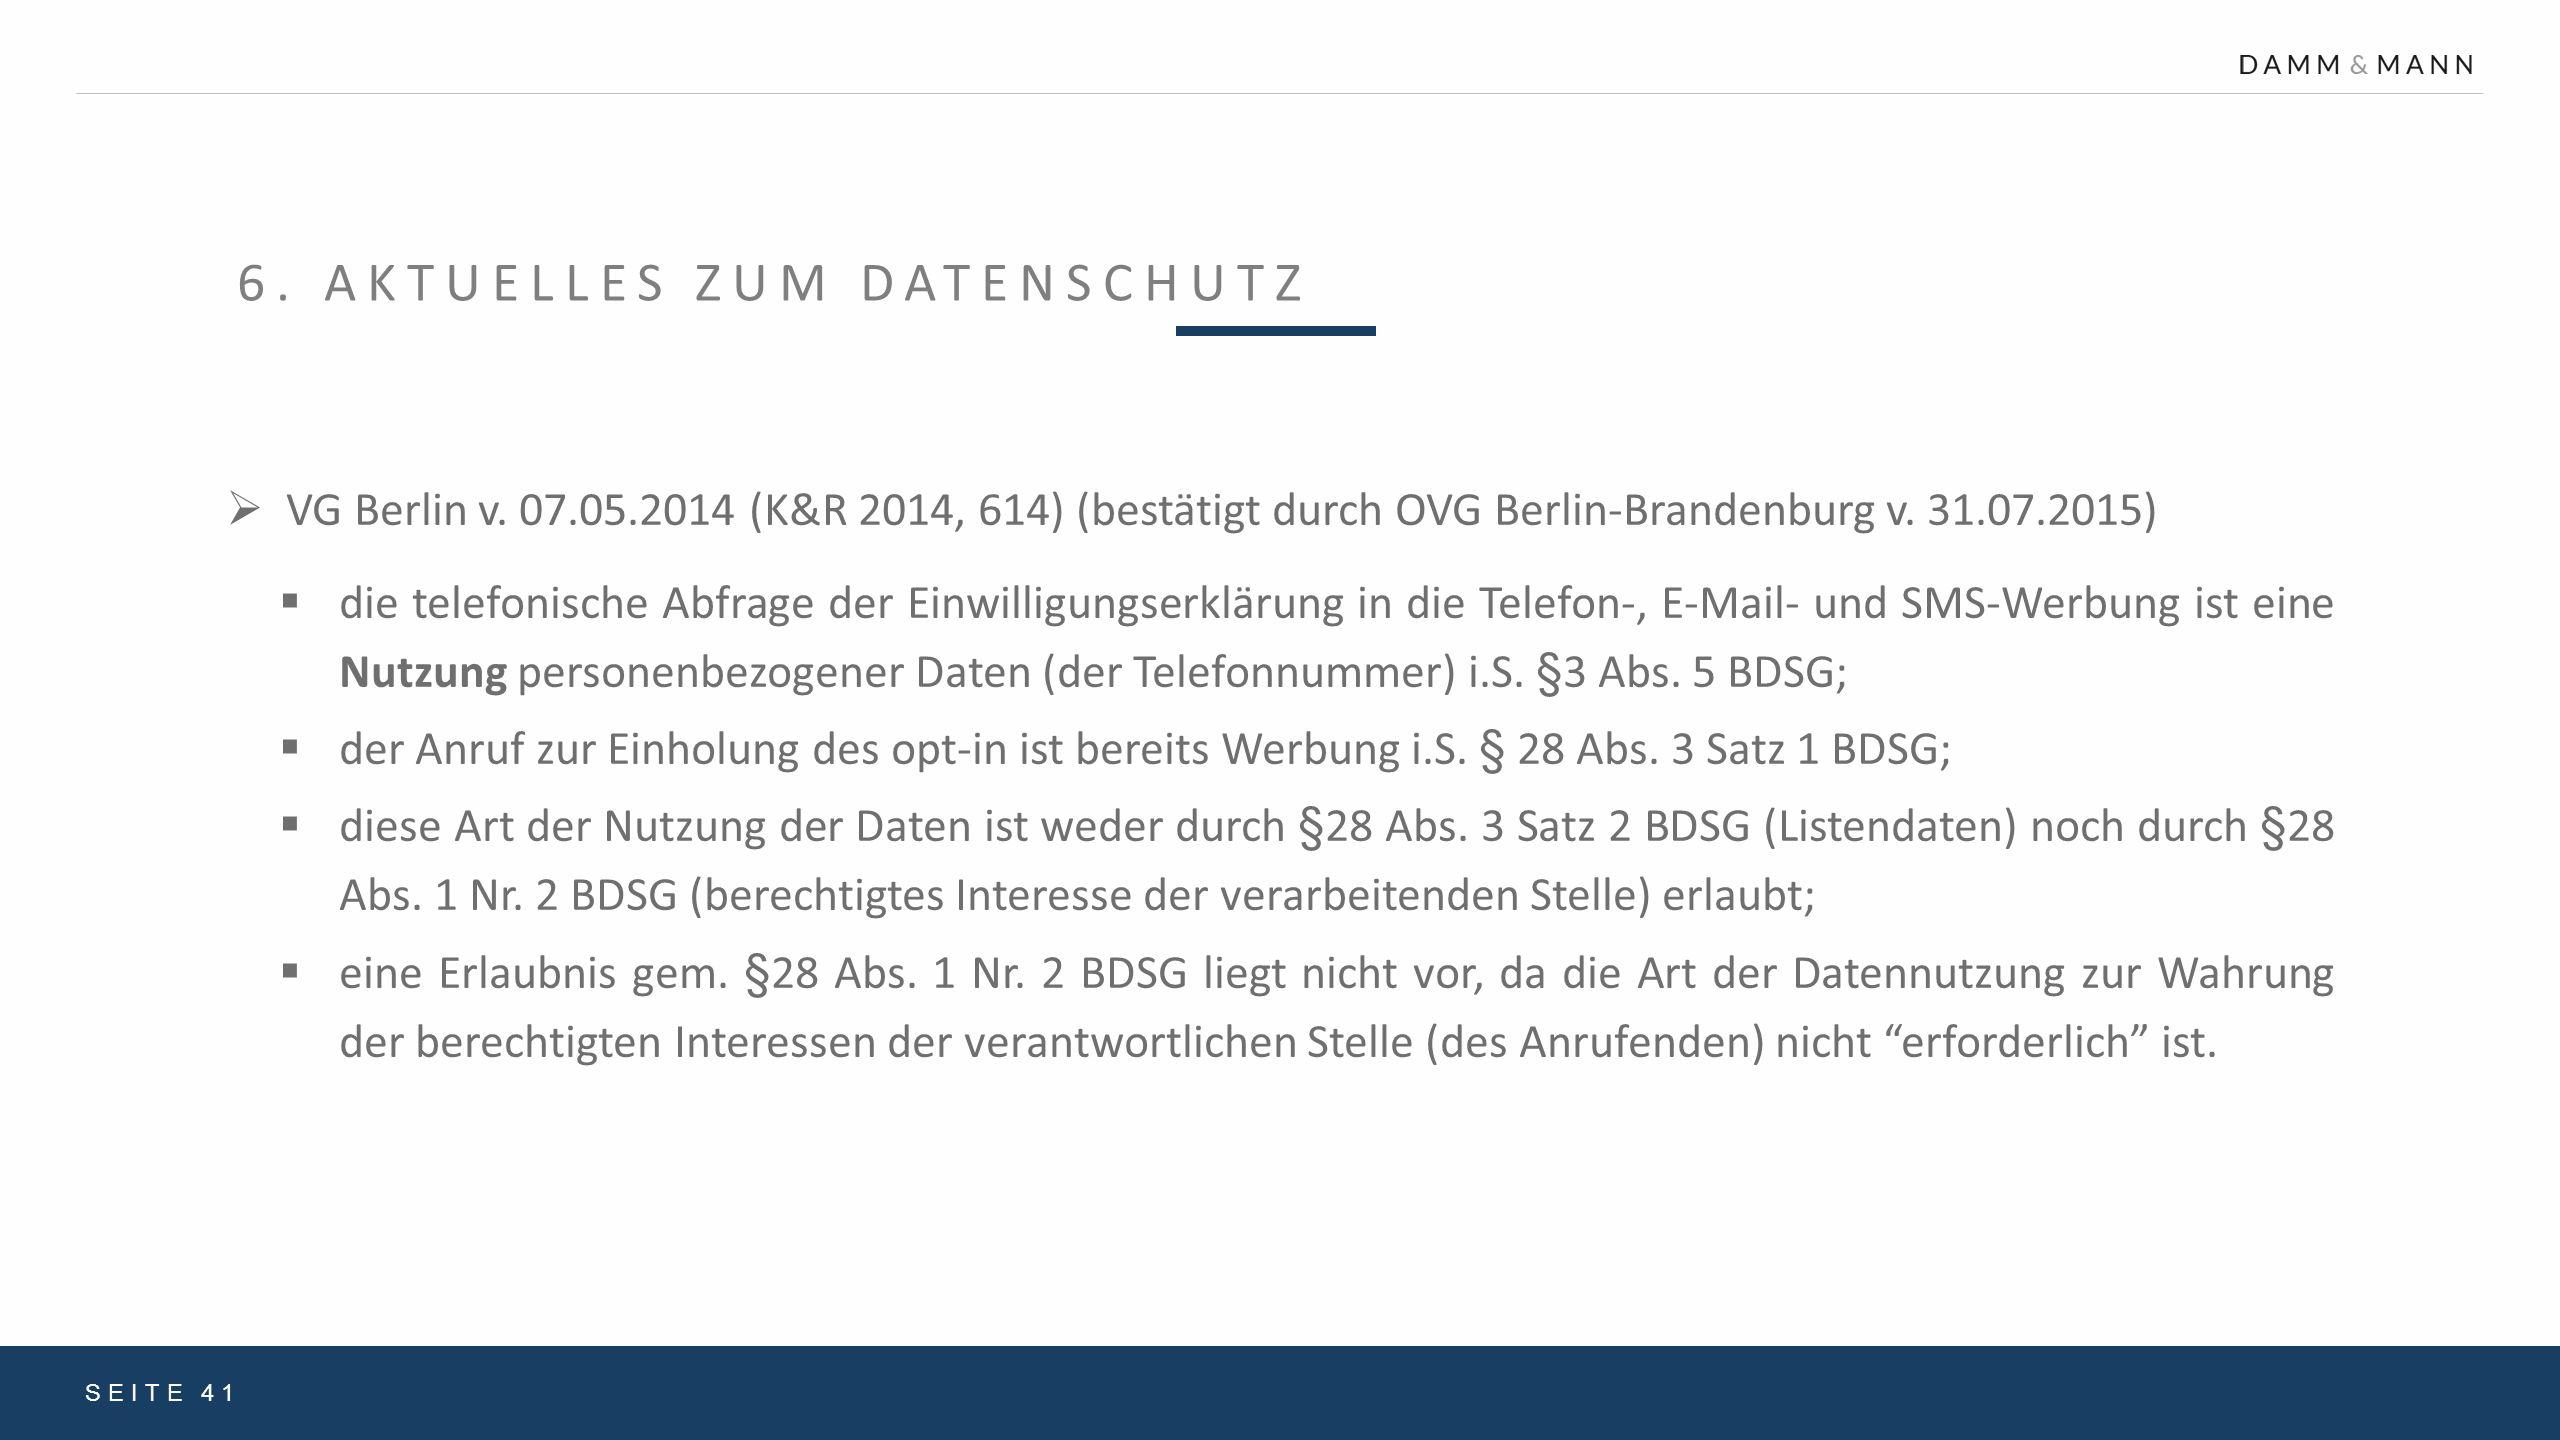 6. AKTUELLES ZUM DATENSCHUTZ SEITE 41  VG Berlin v. 07.05.2014 (K&R 2014, 614) (bestätigt durch OVG Berlin-Brandenburg v. 31.07.2015)  die telefonis